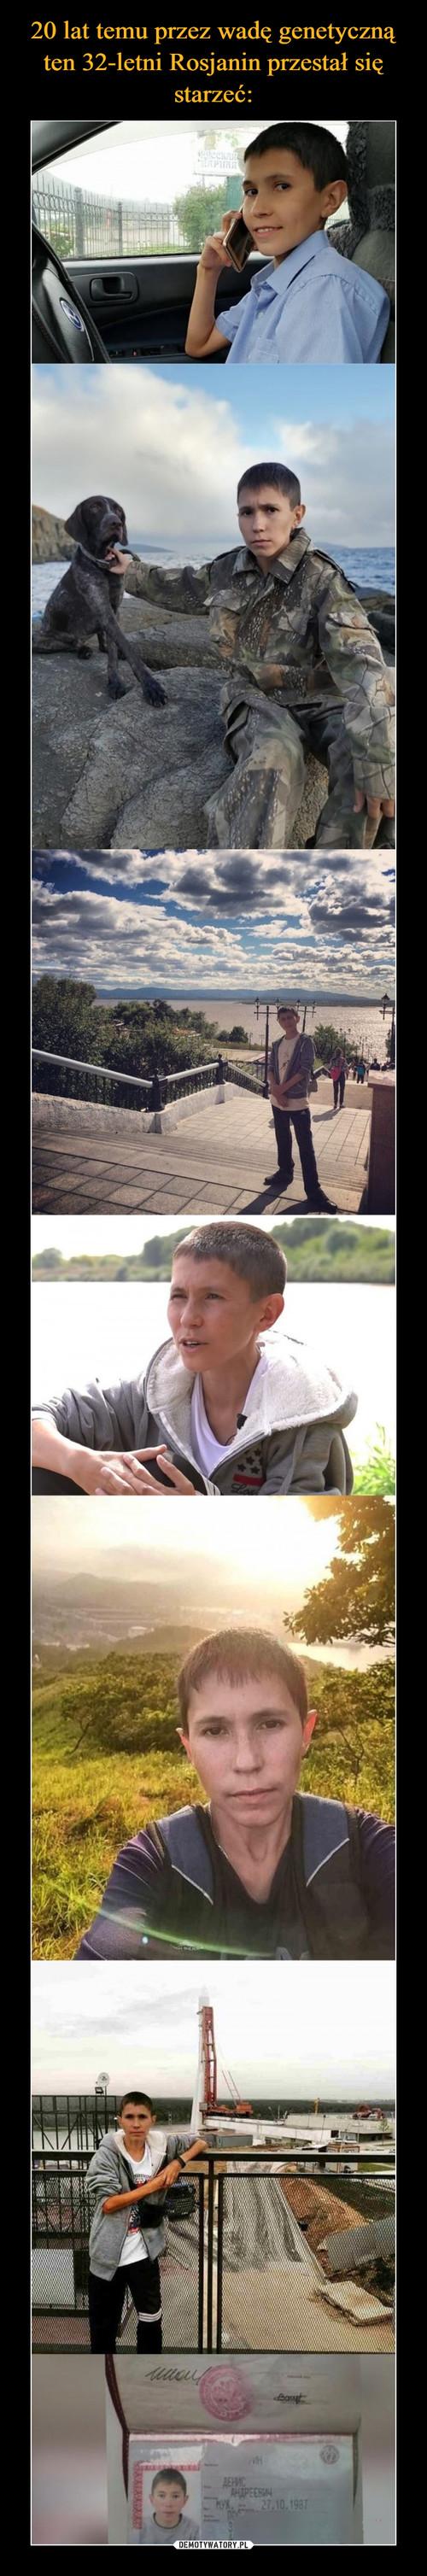 20 lat temu przez wadę genetyczną ten 32-letni Rosjanin przestał się starzeć: